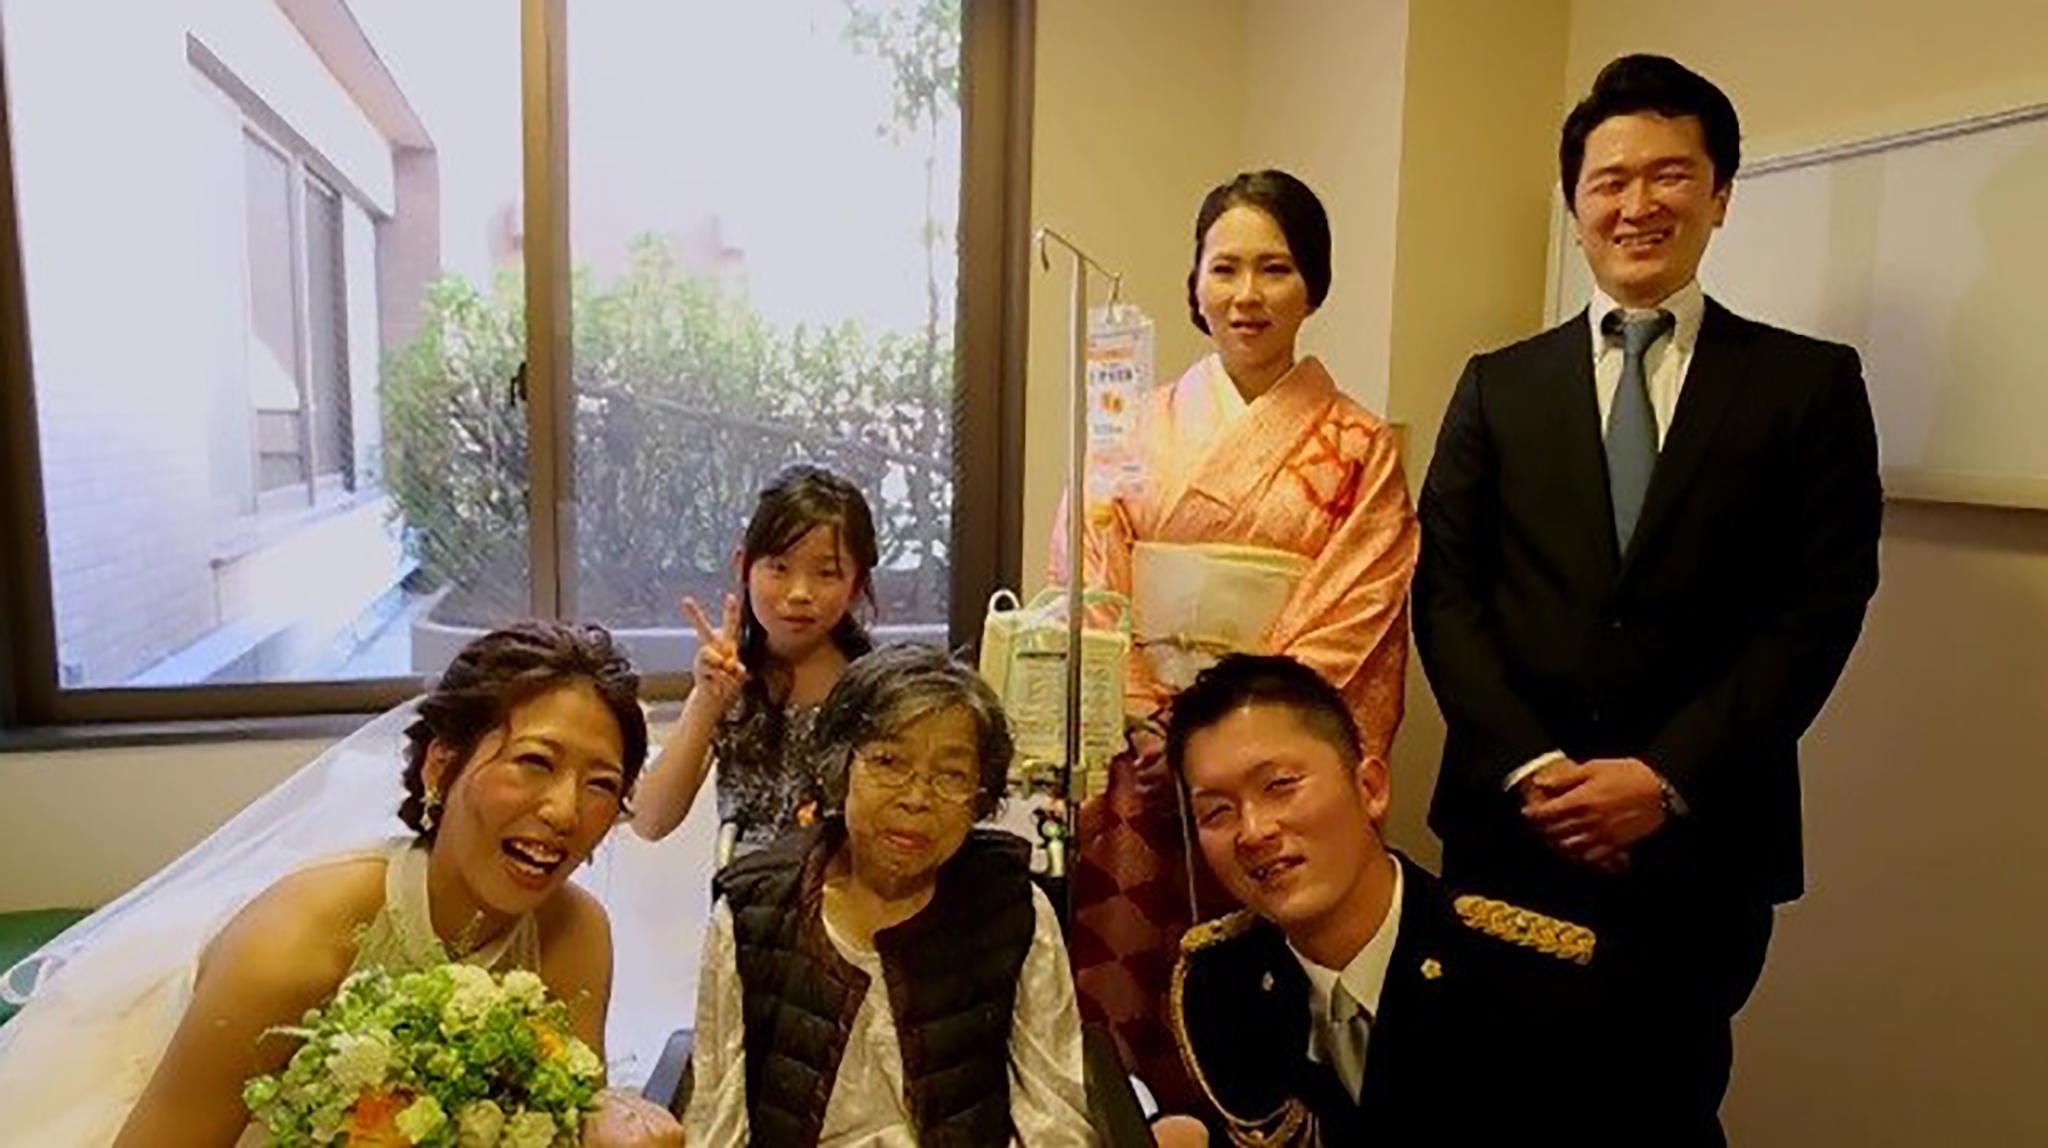 お祖母ちゃんへ贈るサプライズ! 家族だけの小さな結婚式